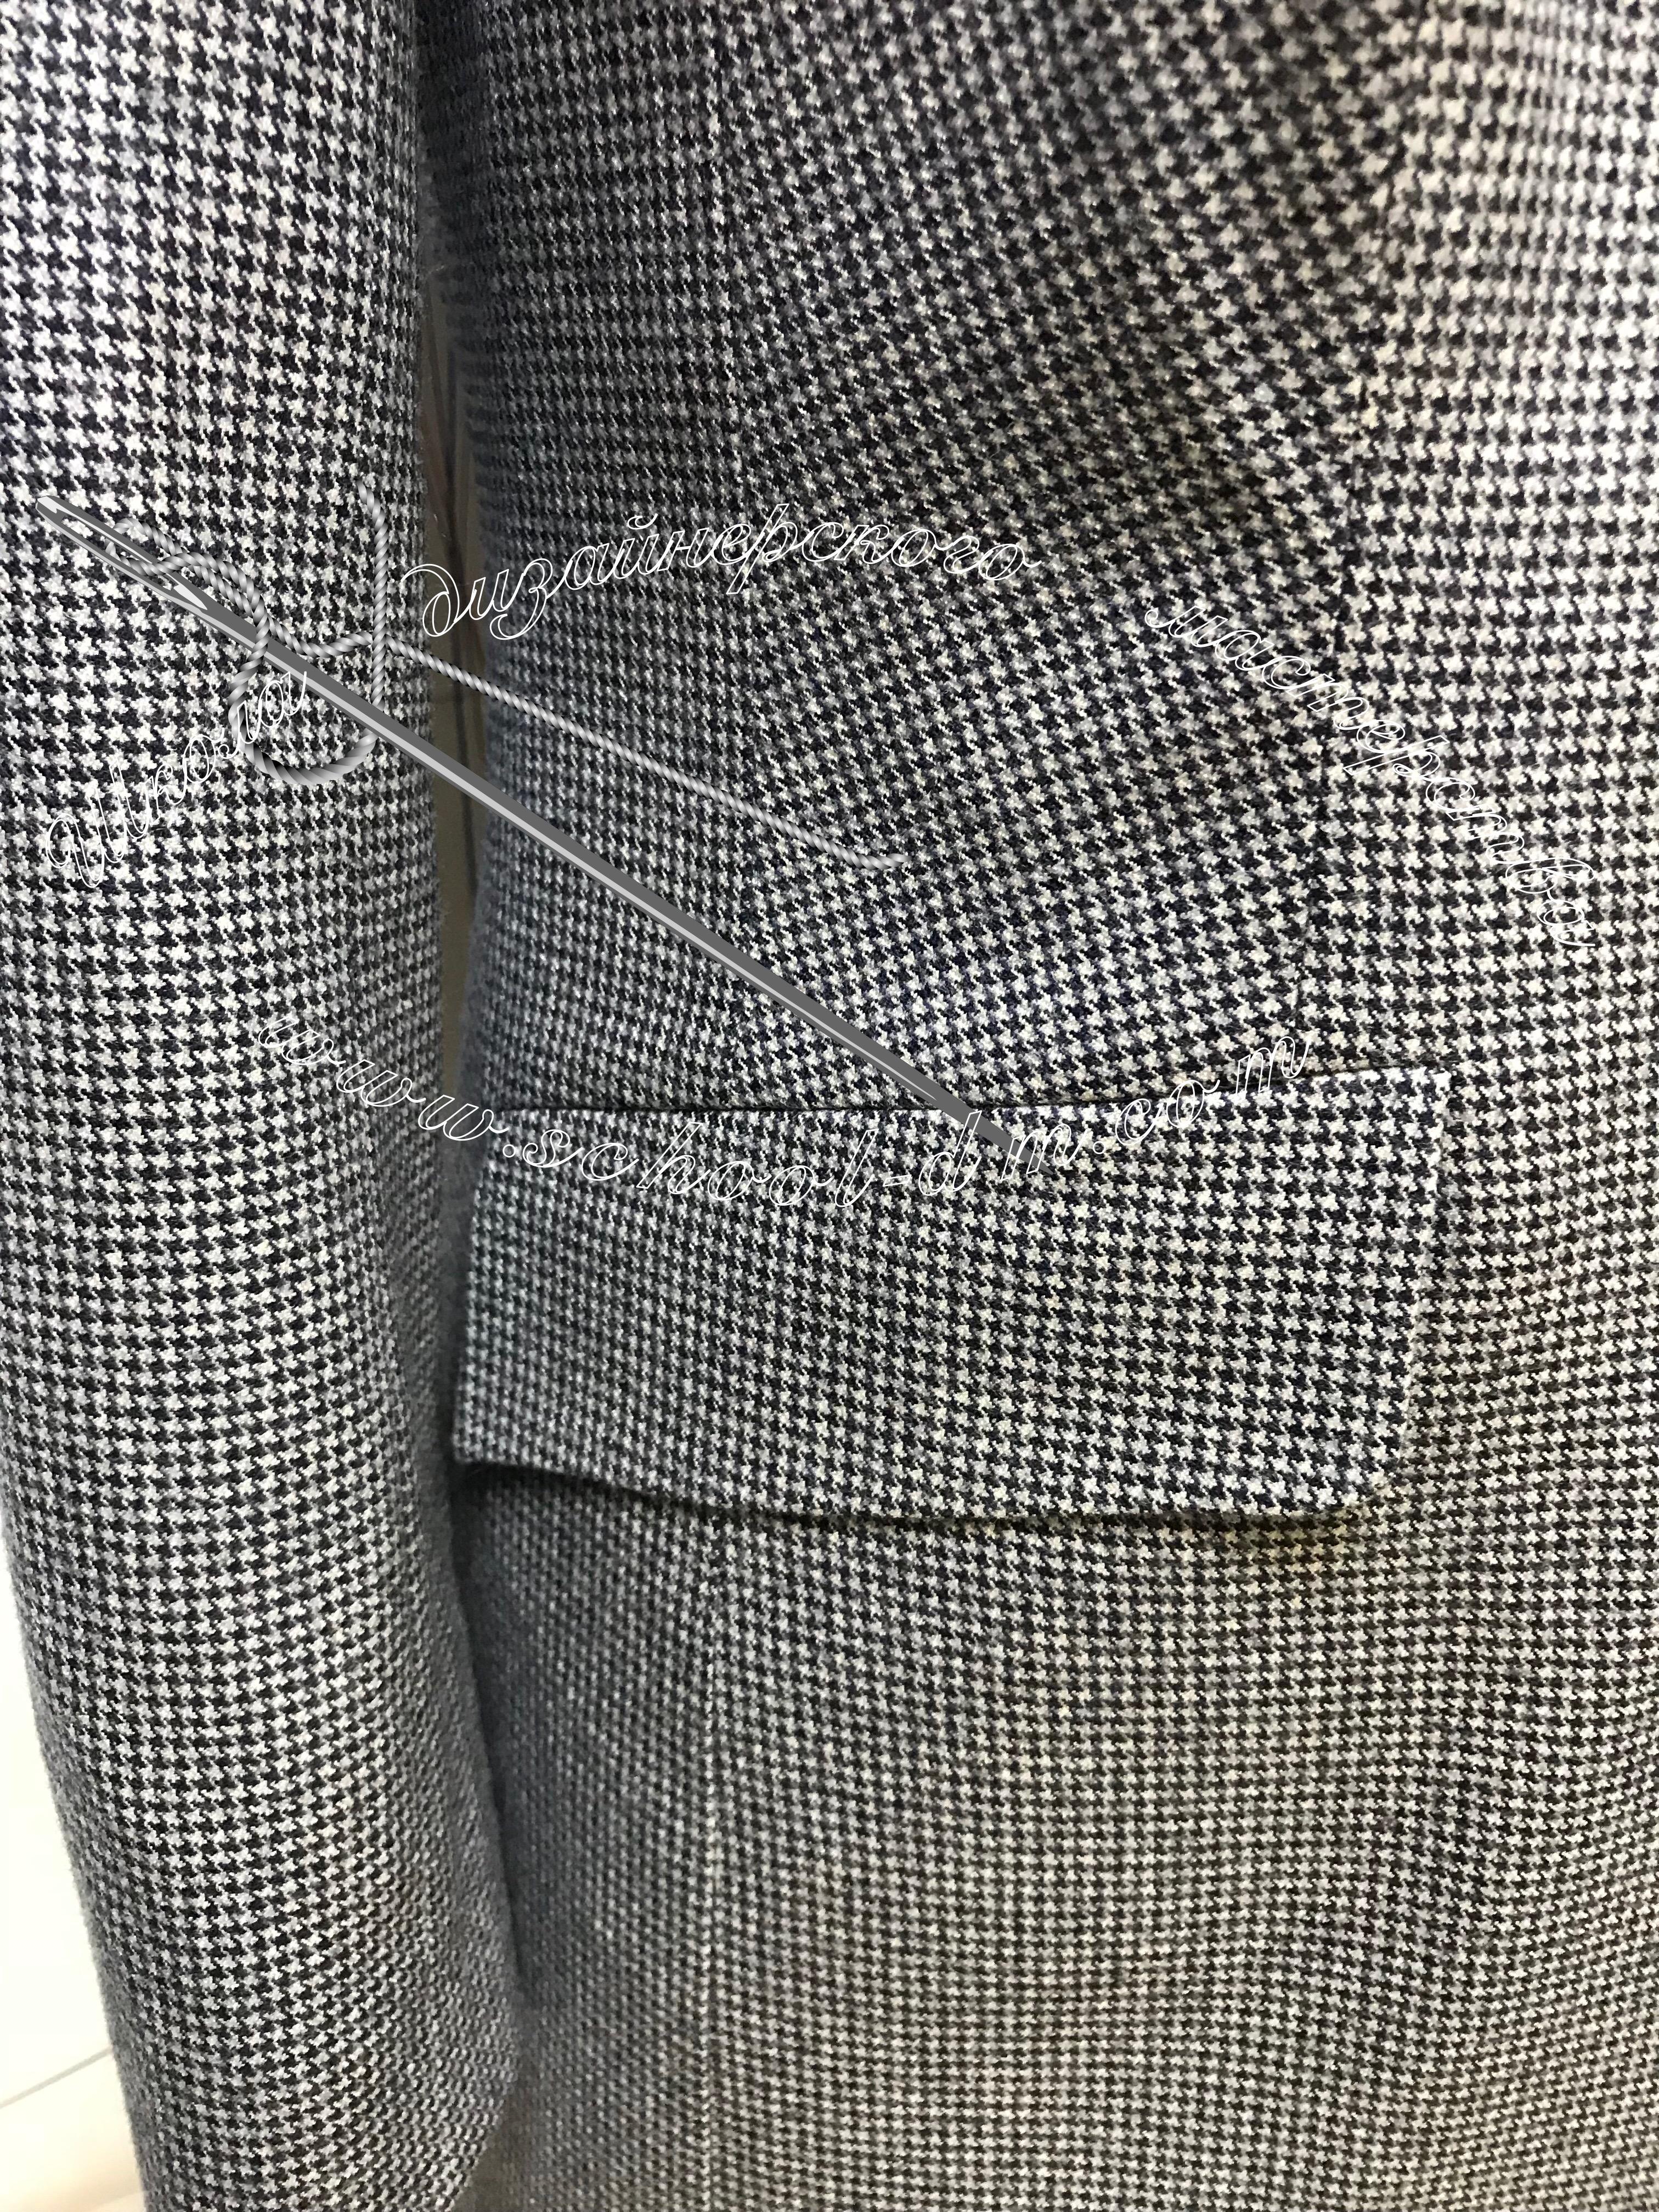 Жакет, пиджак, прорезной карман с клапаном